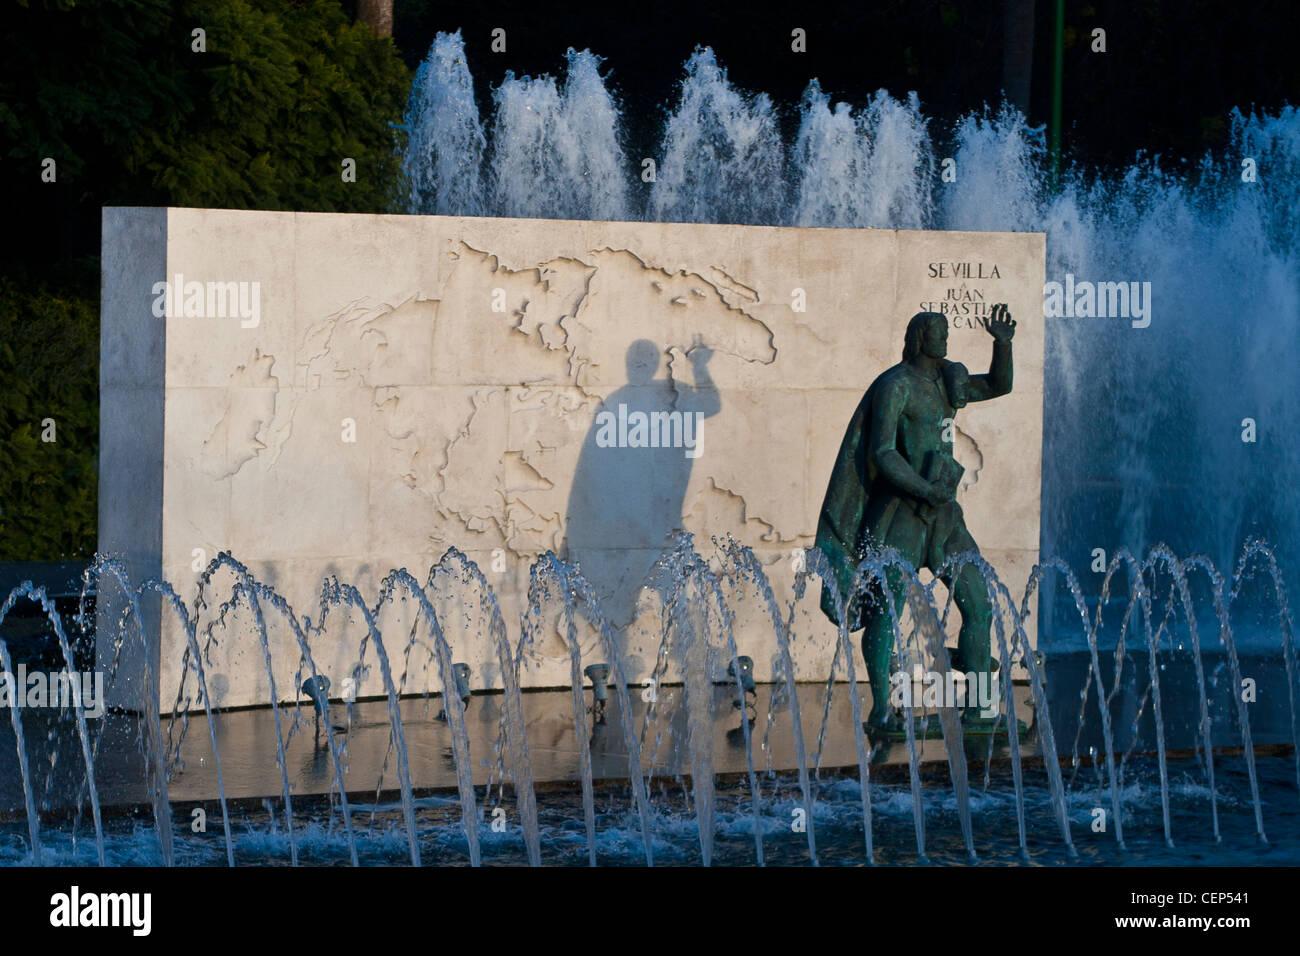 Siviglia Monumento a Juan Sebastian Elcano, explorer, circumnavigare il globo con Magellan Foto Stock